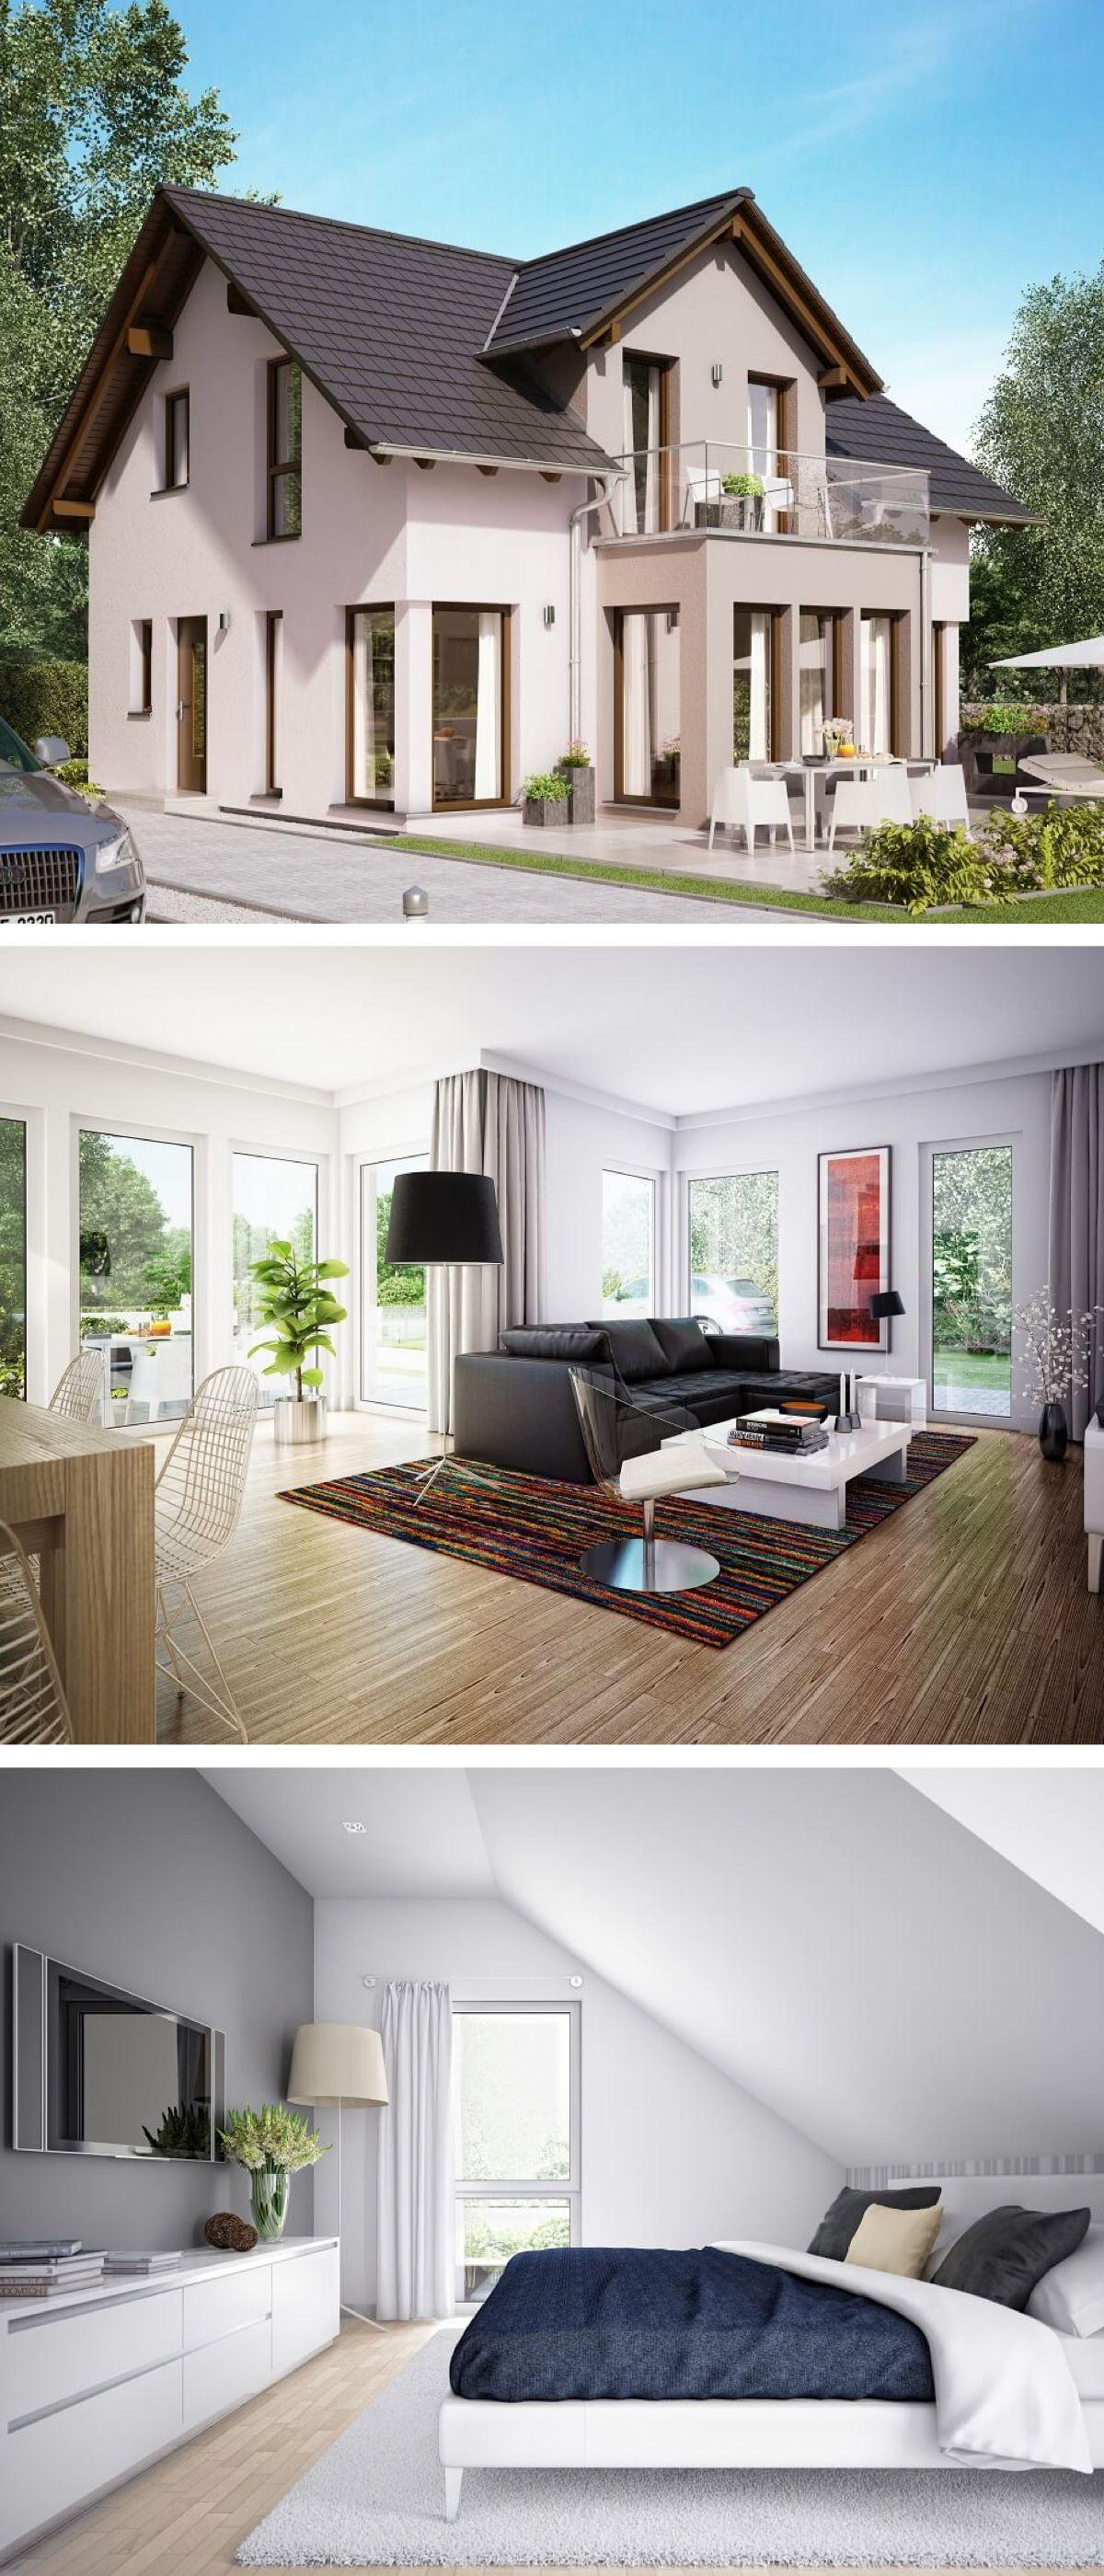 satteldach haus mit zwerchgiebel erker anbau mit balkon einfamilienhaus architektur edition. Black Bedroom Furniture Sets. Home Design Ideas